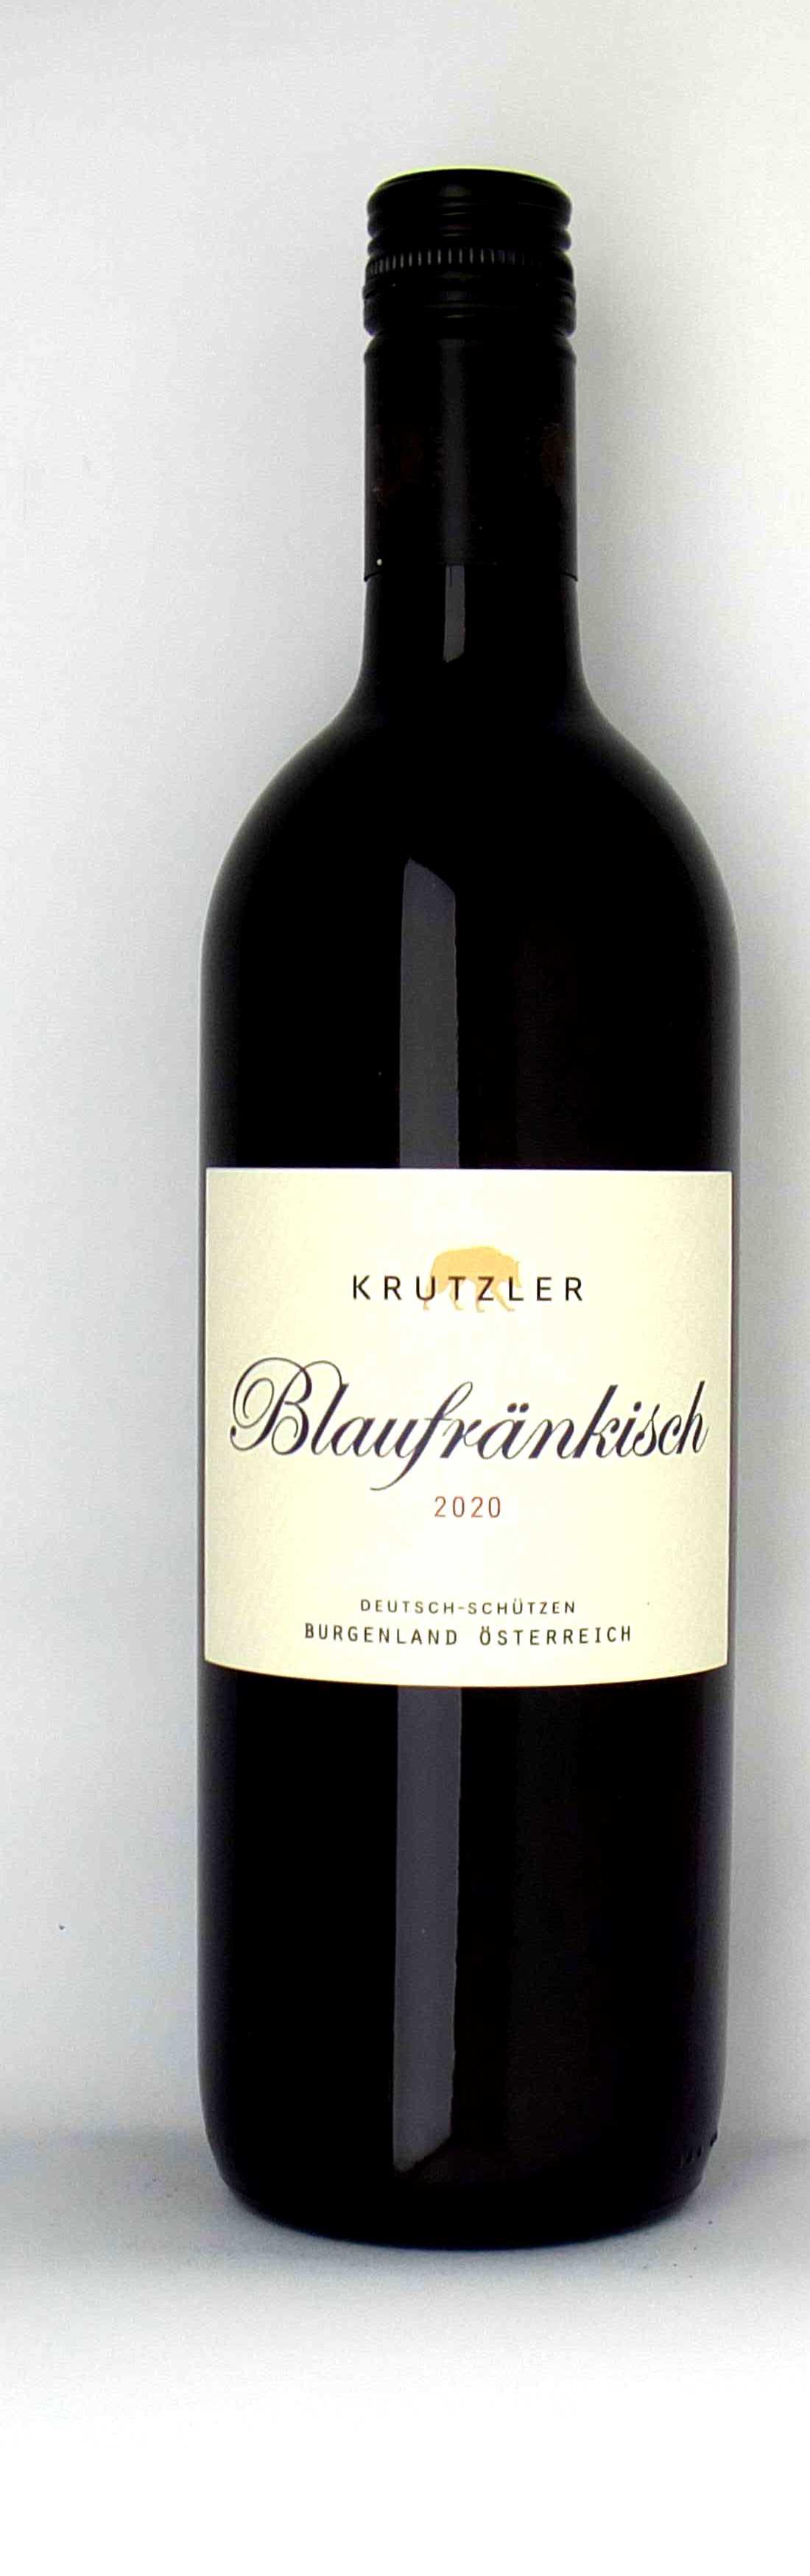 Vinothek Eisenberg Blaufränkisch 2020 Krutzler